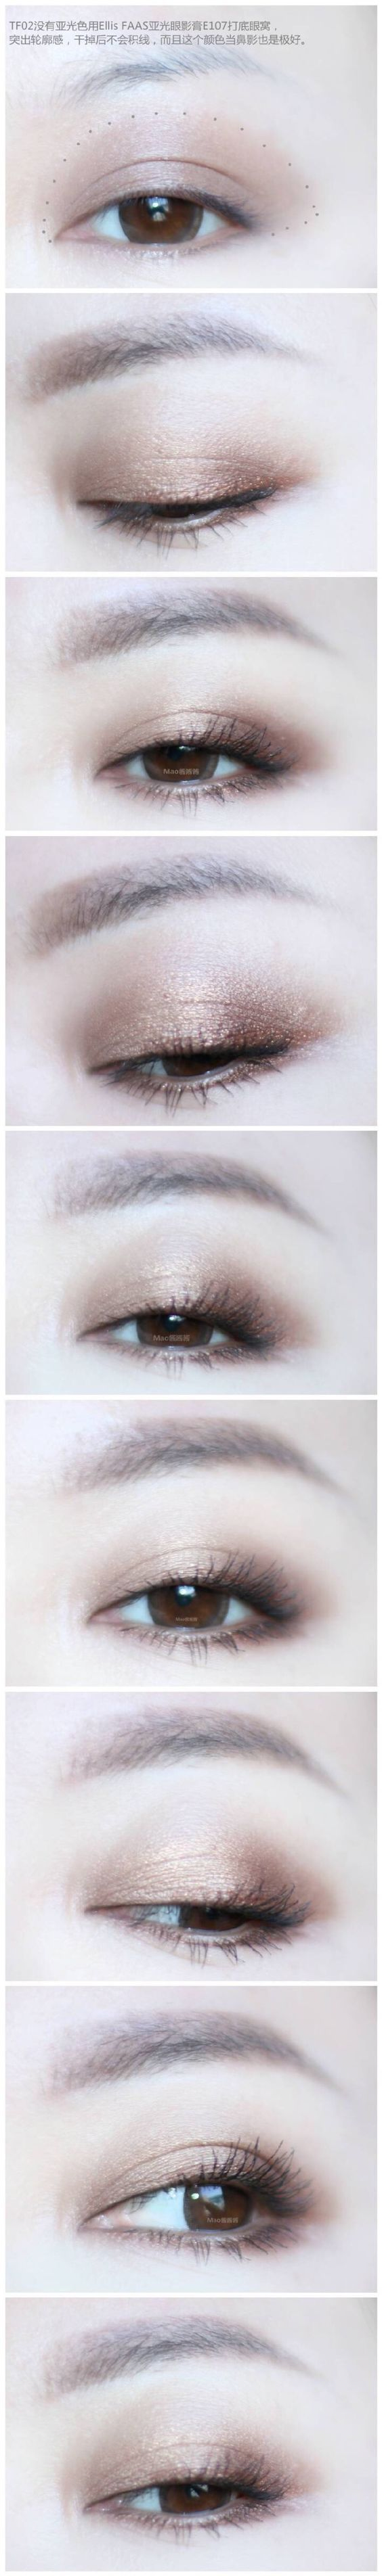 รวมเทคนิคการแต่งตา แบบฉบับสาวเอเชีย